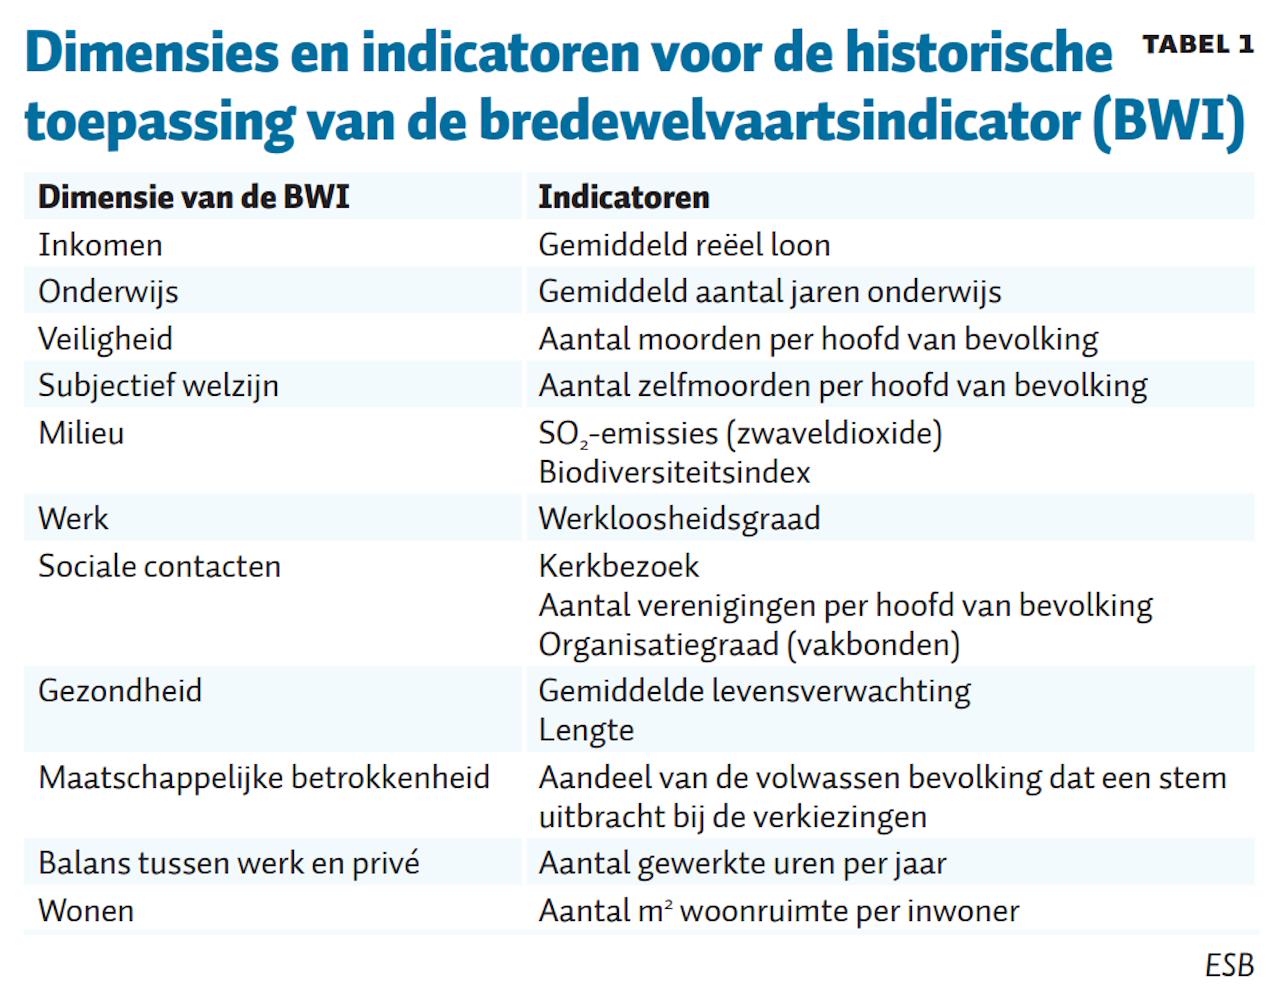 Tabel 1. ESB